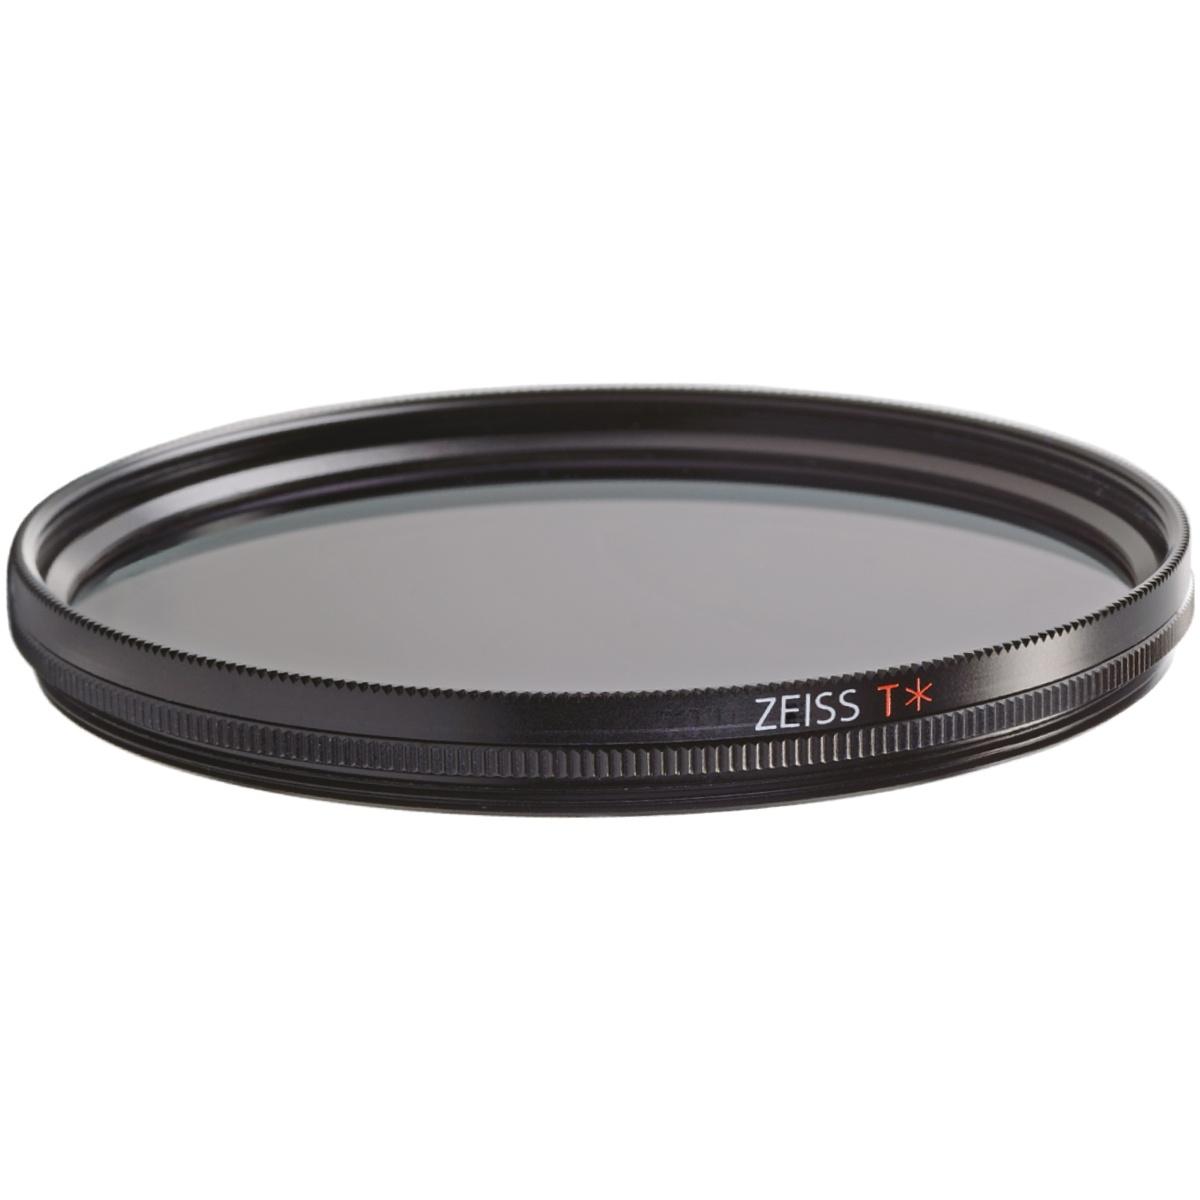 ZEISS T POL-Filter circular 67mm